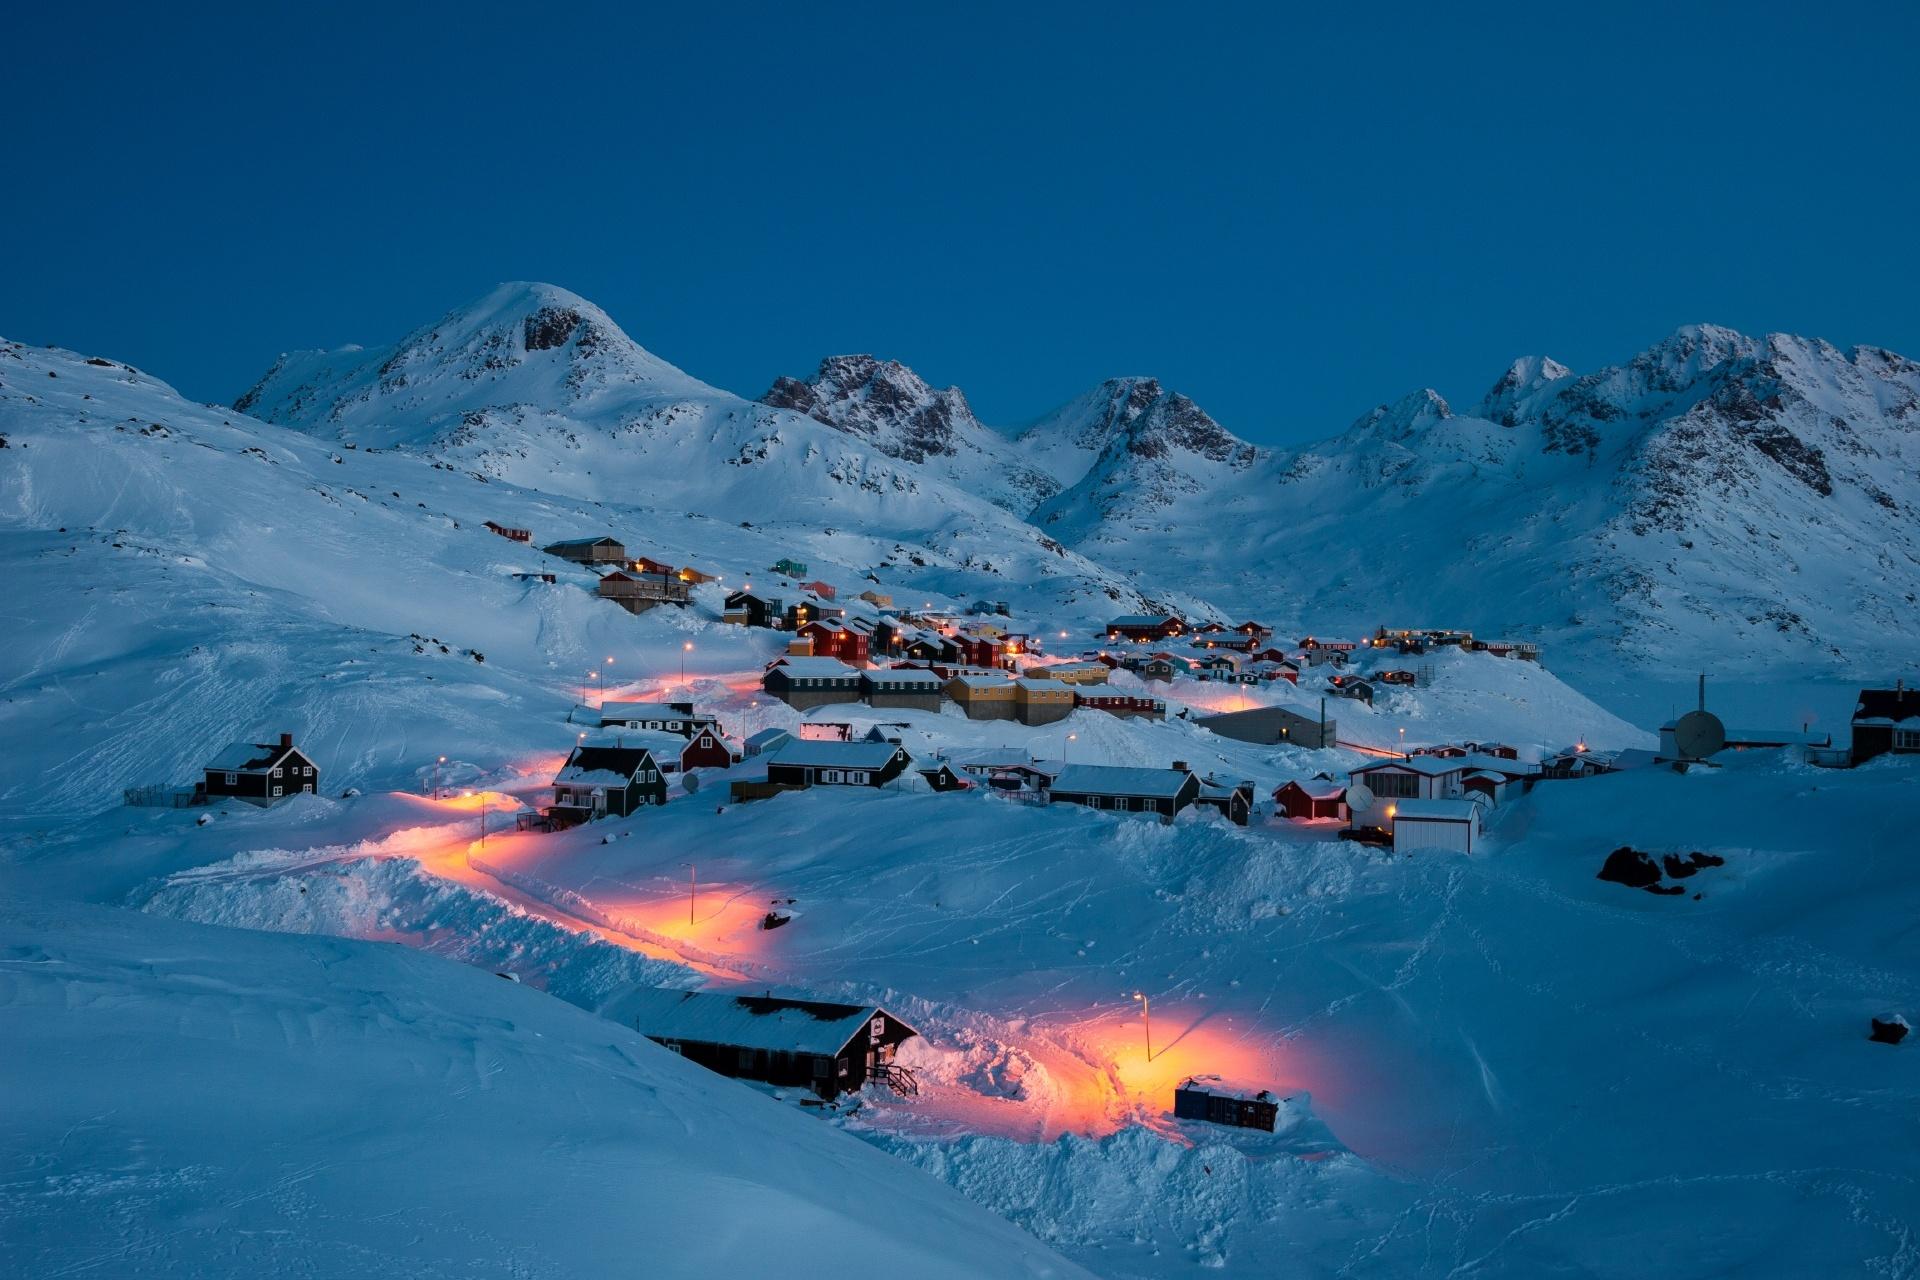 早朝のタシーラク グリーンランドの風景